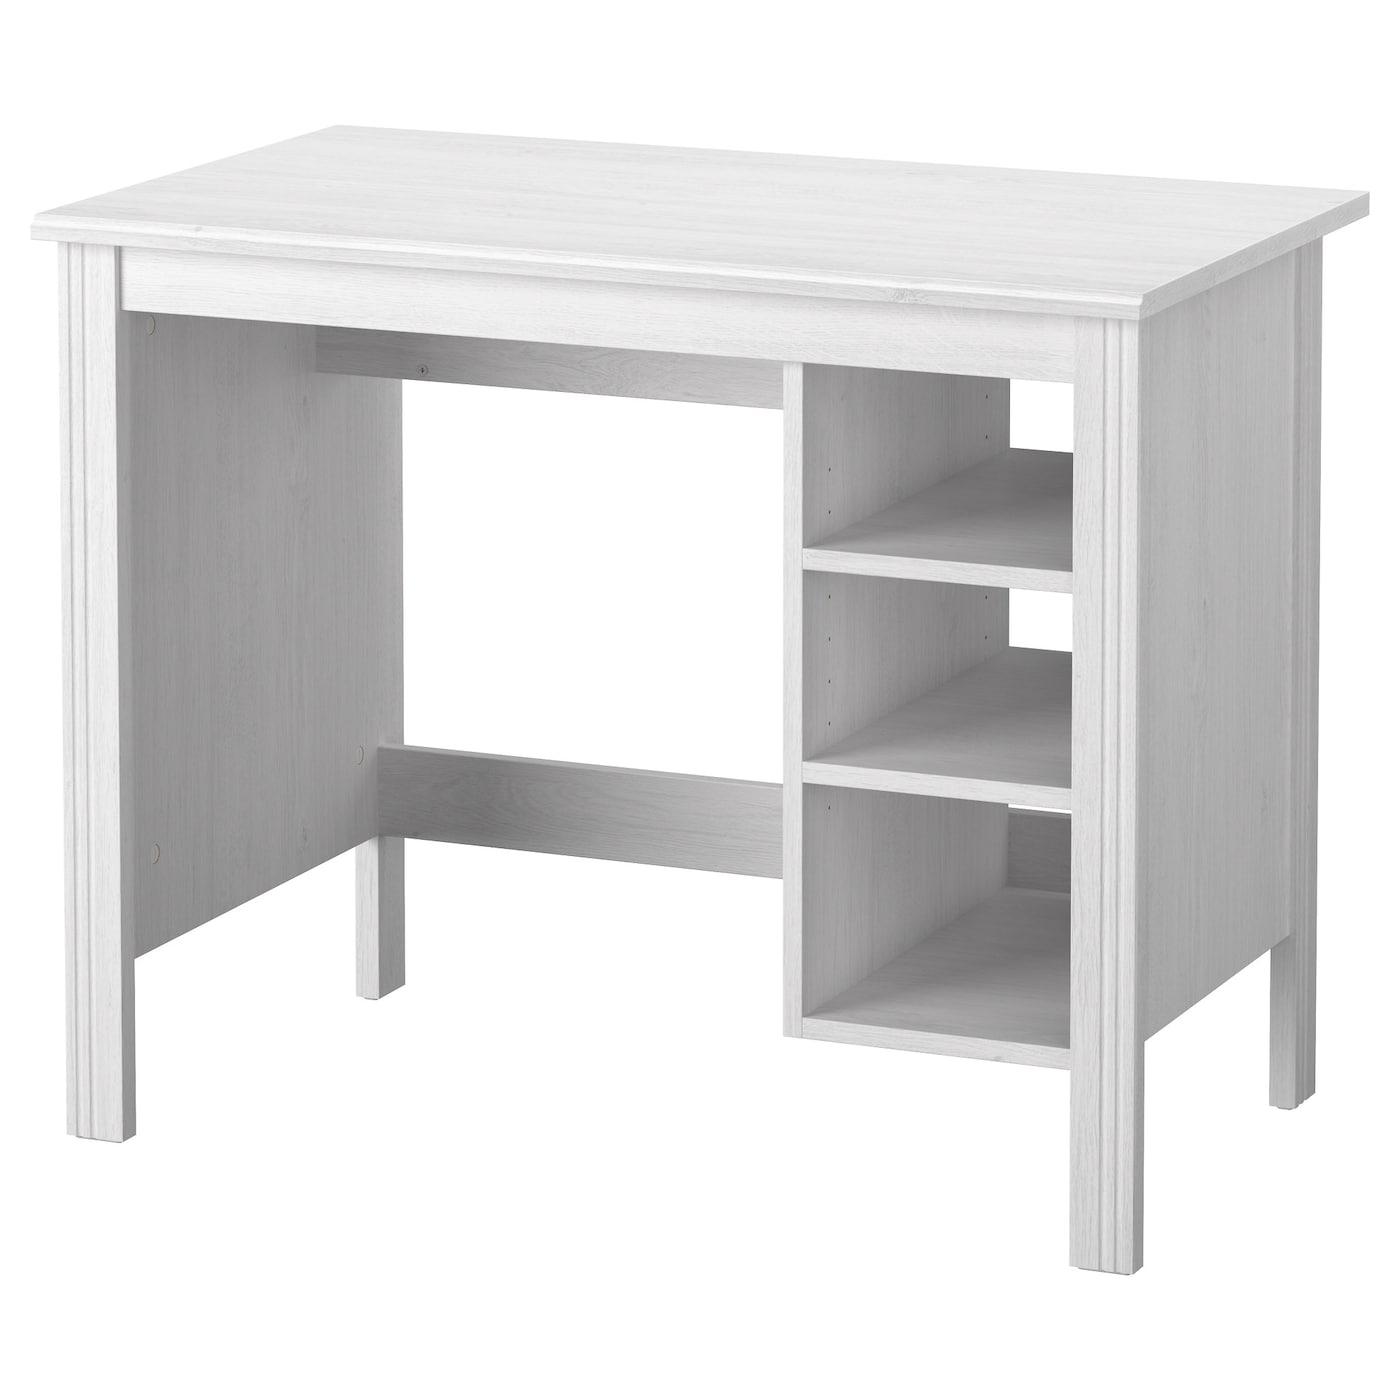 brusali bureau wit 90 x 52 cm ikea. Black Bedroom Furniture Sets. Home Design Ideas